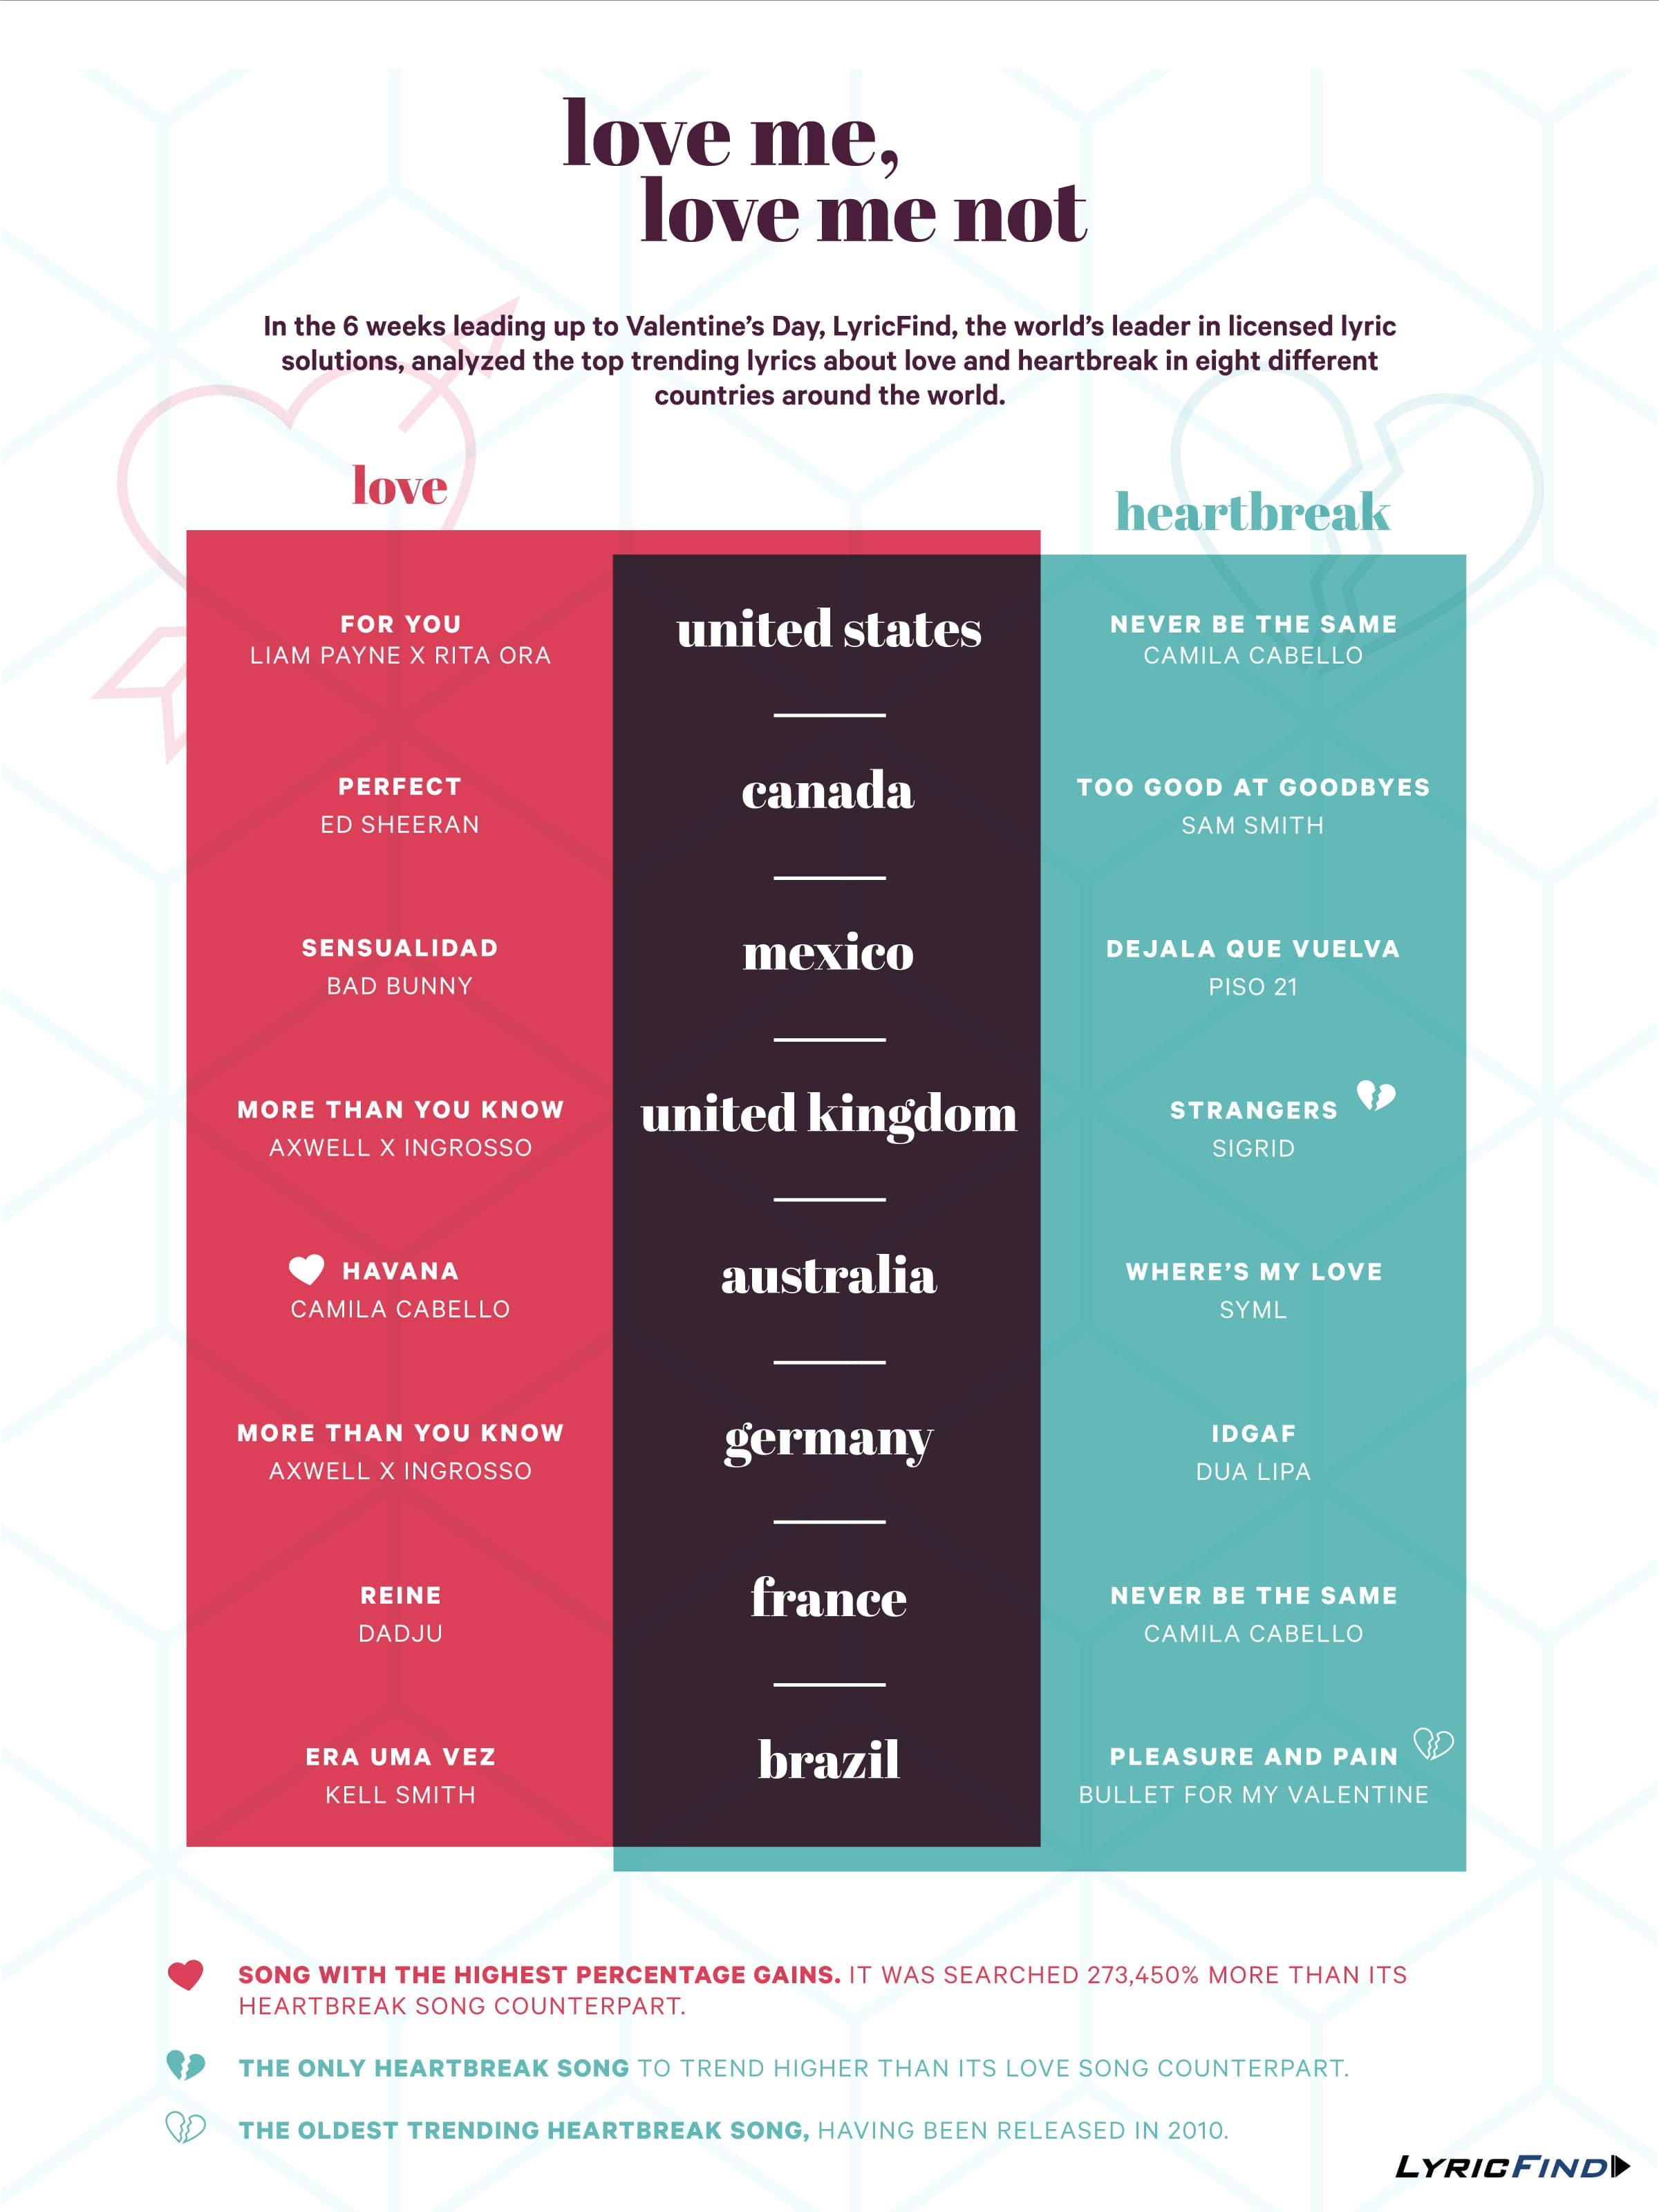 LyricFind_vday-infographic.jpg